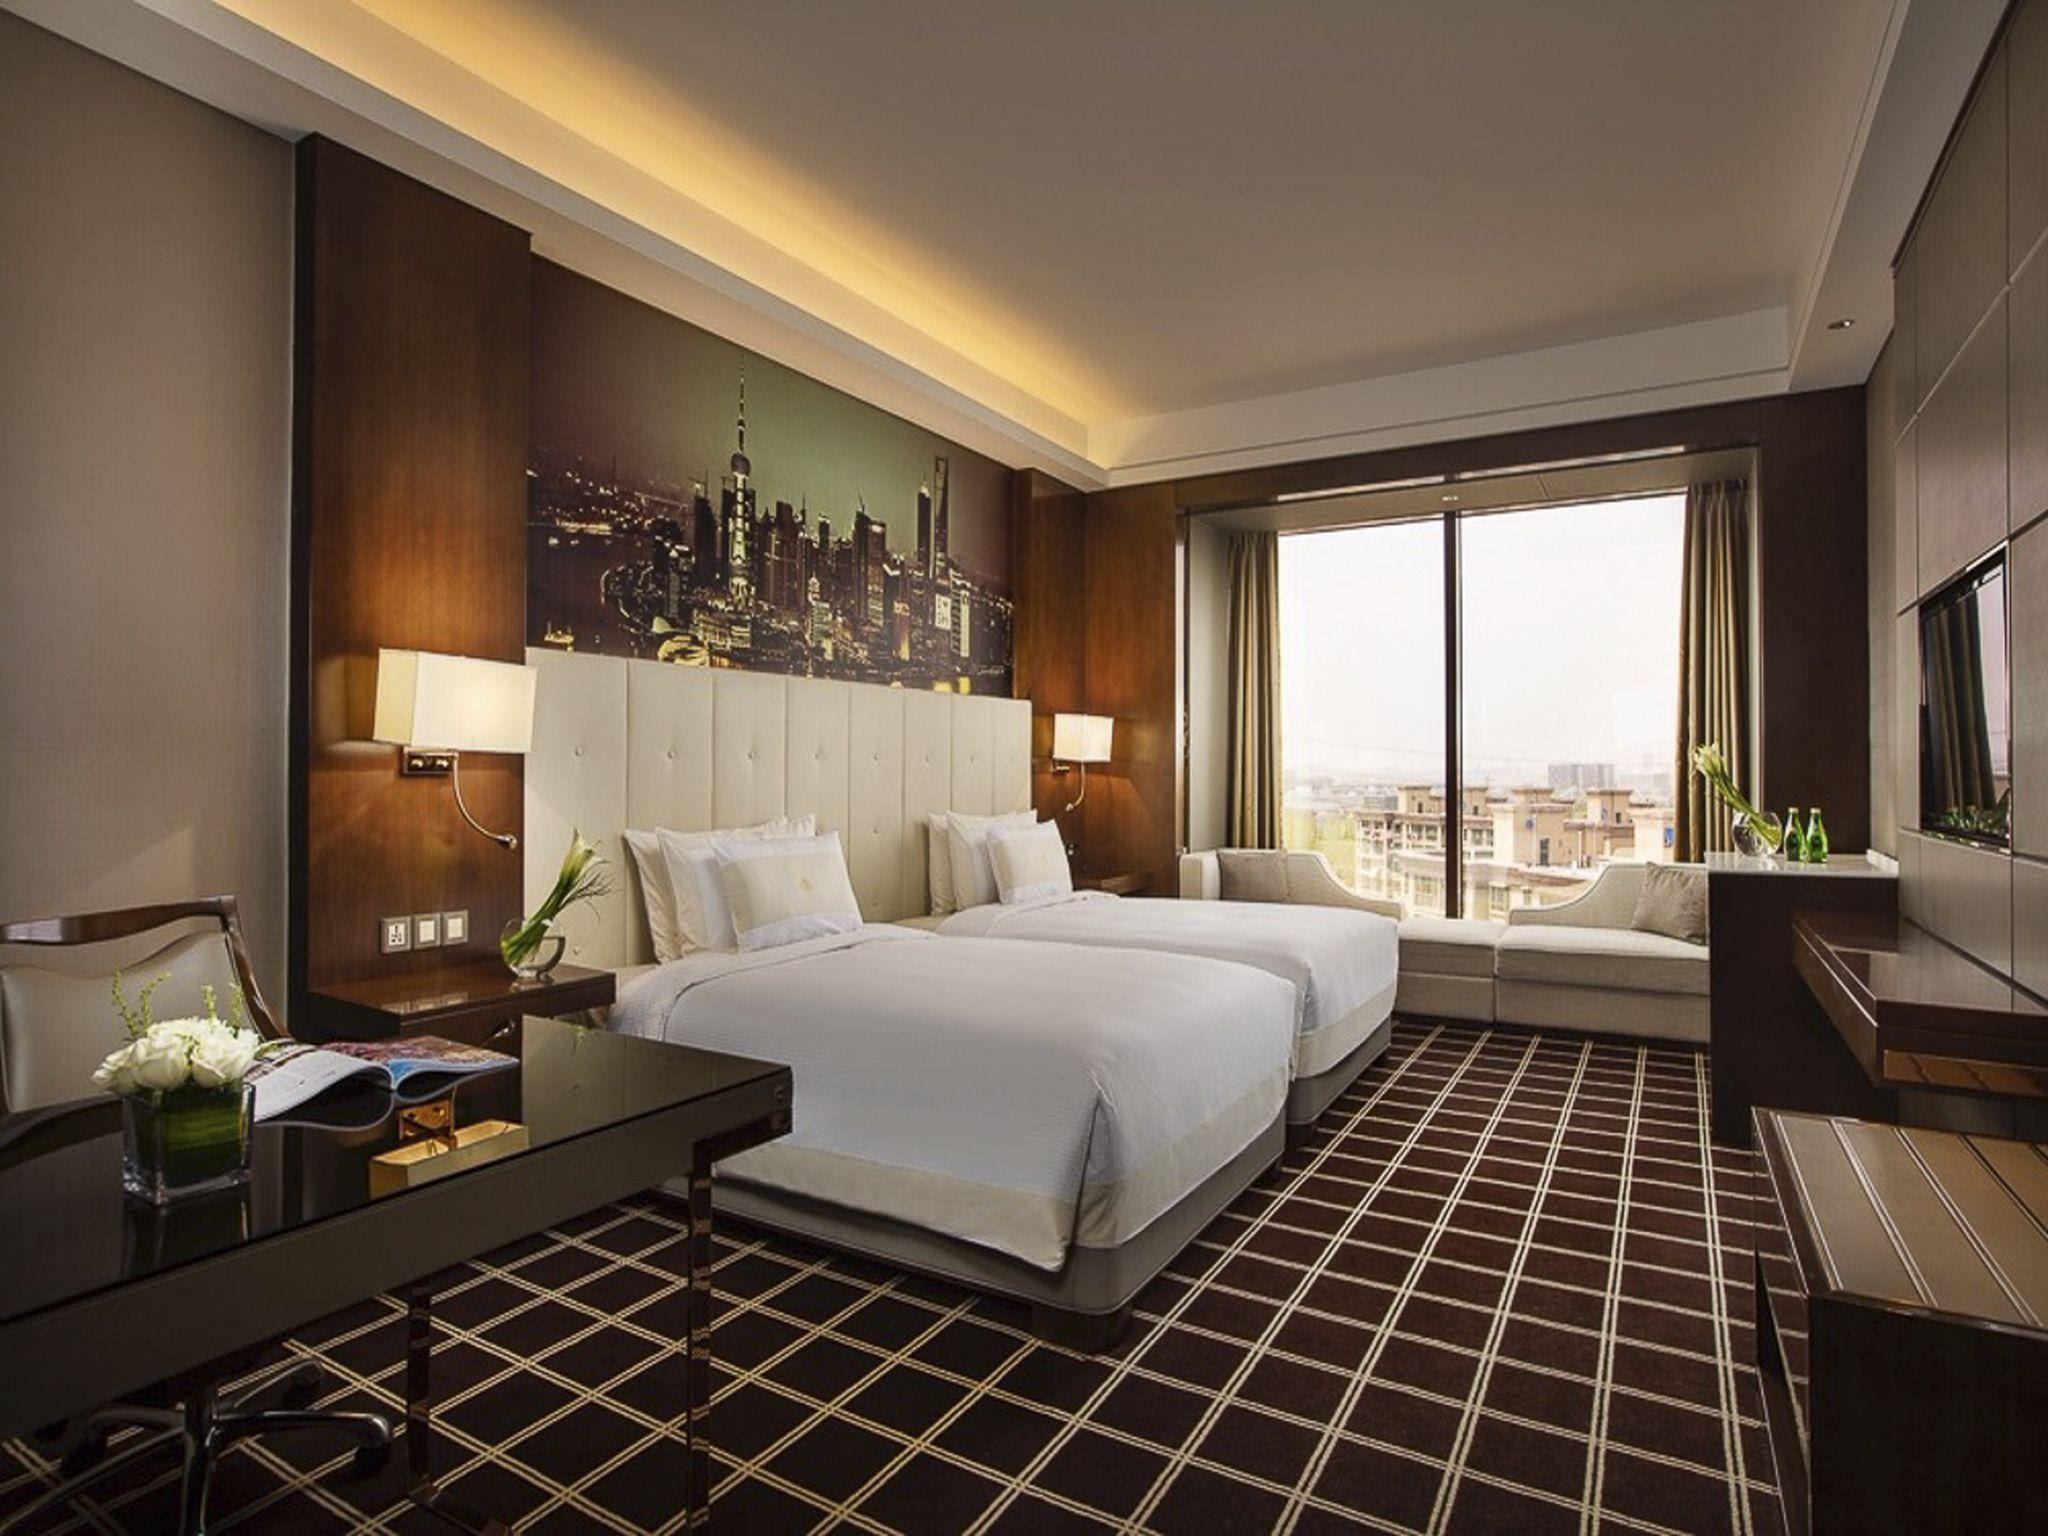 Royal Century Hotel Shanghai Reviews